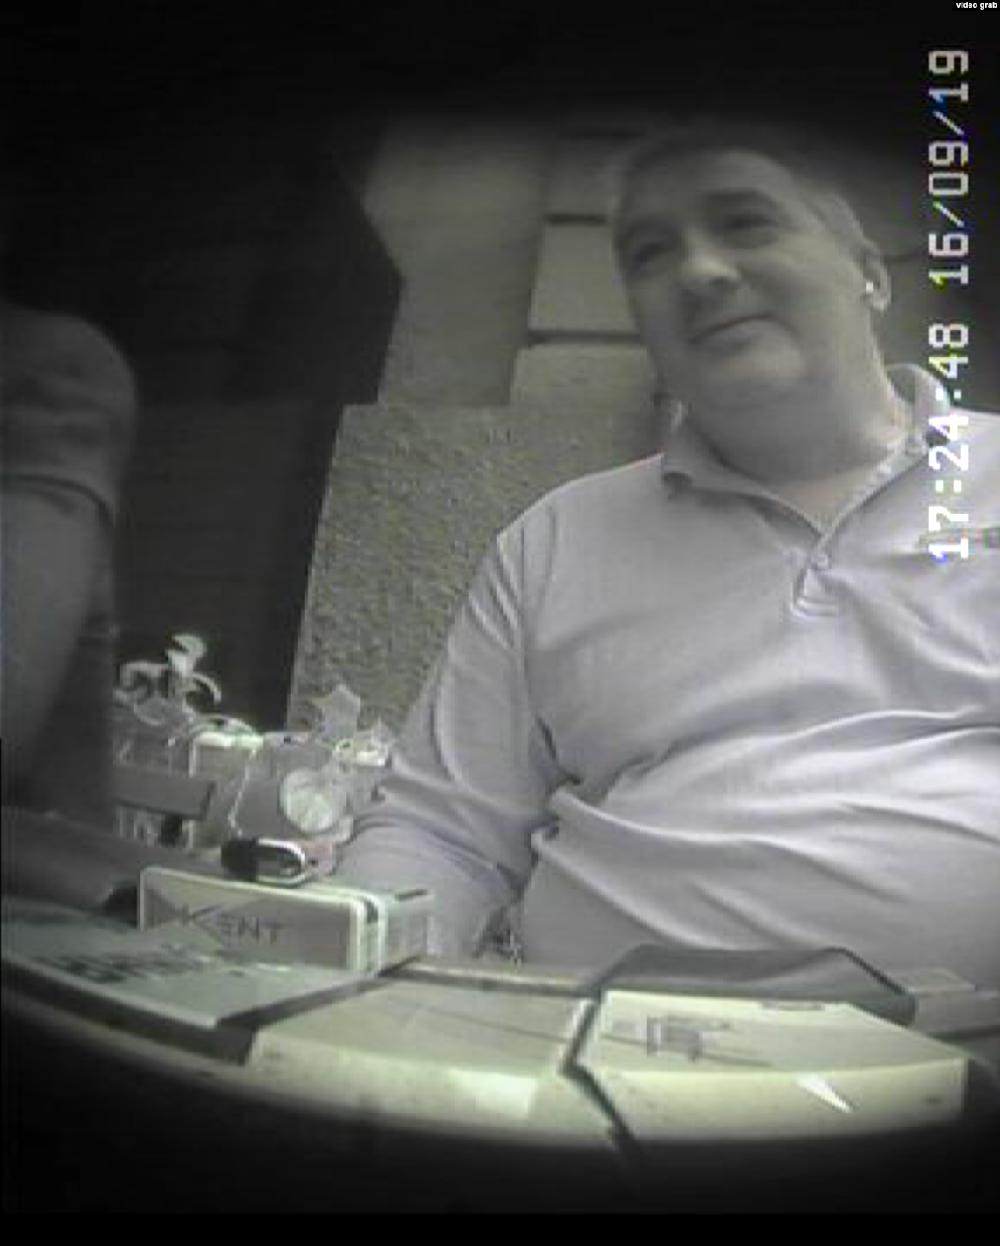 Помощник Дениса Ермака Сергей (Фото: скриншот из видео, опубликованный Радио Свобода)